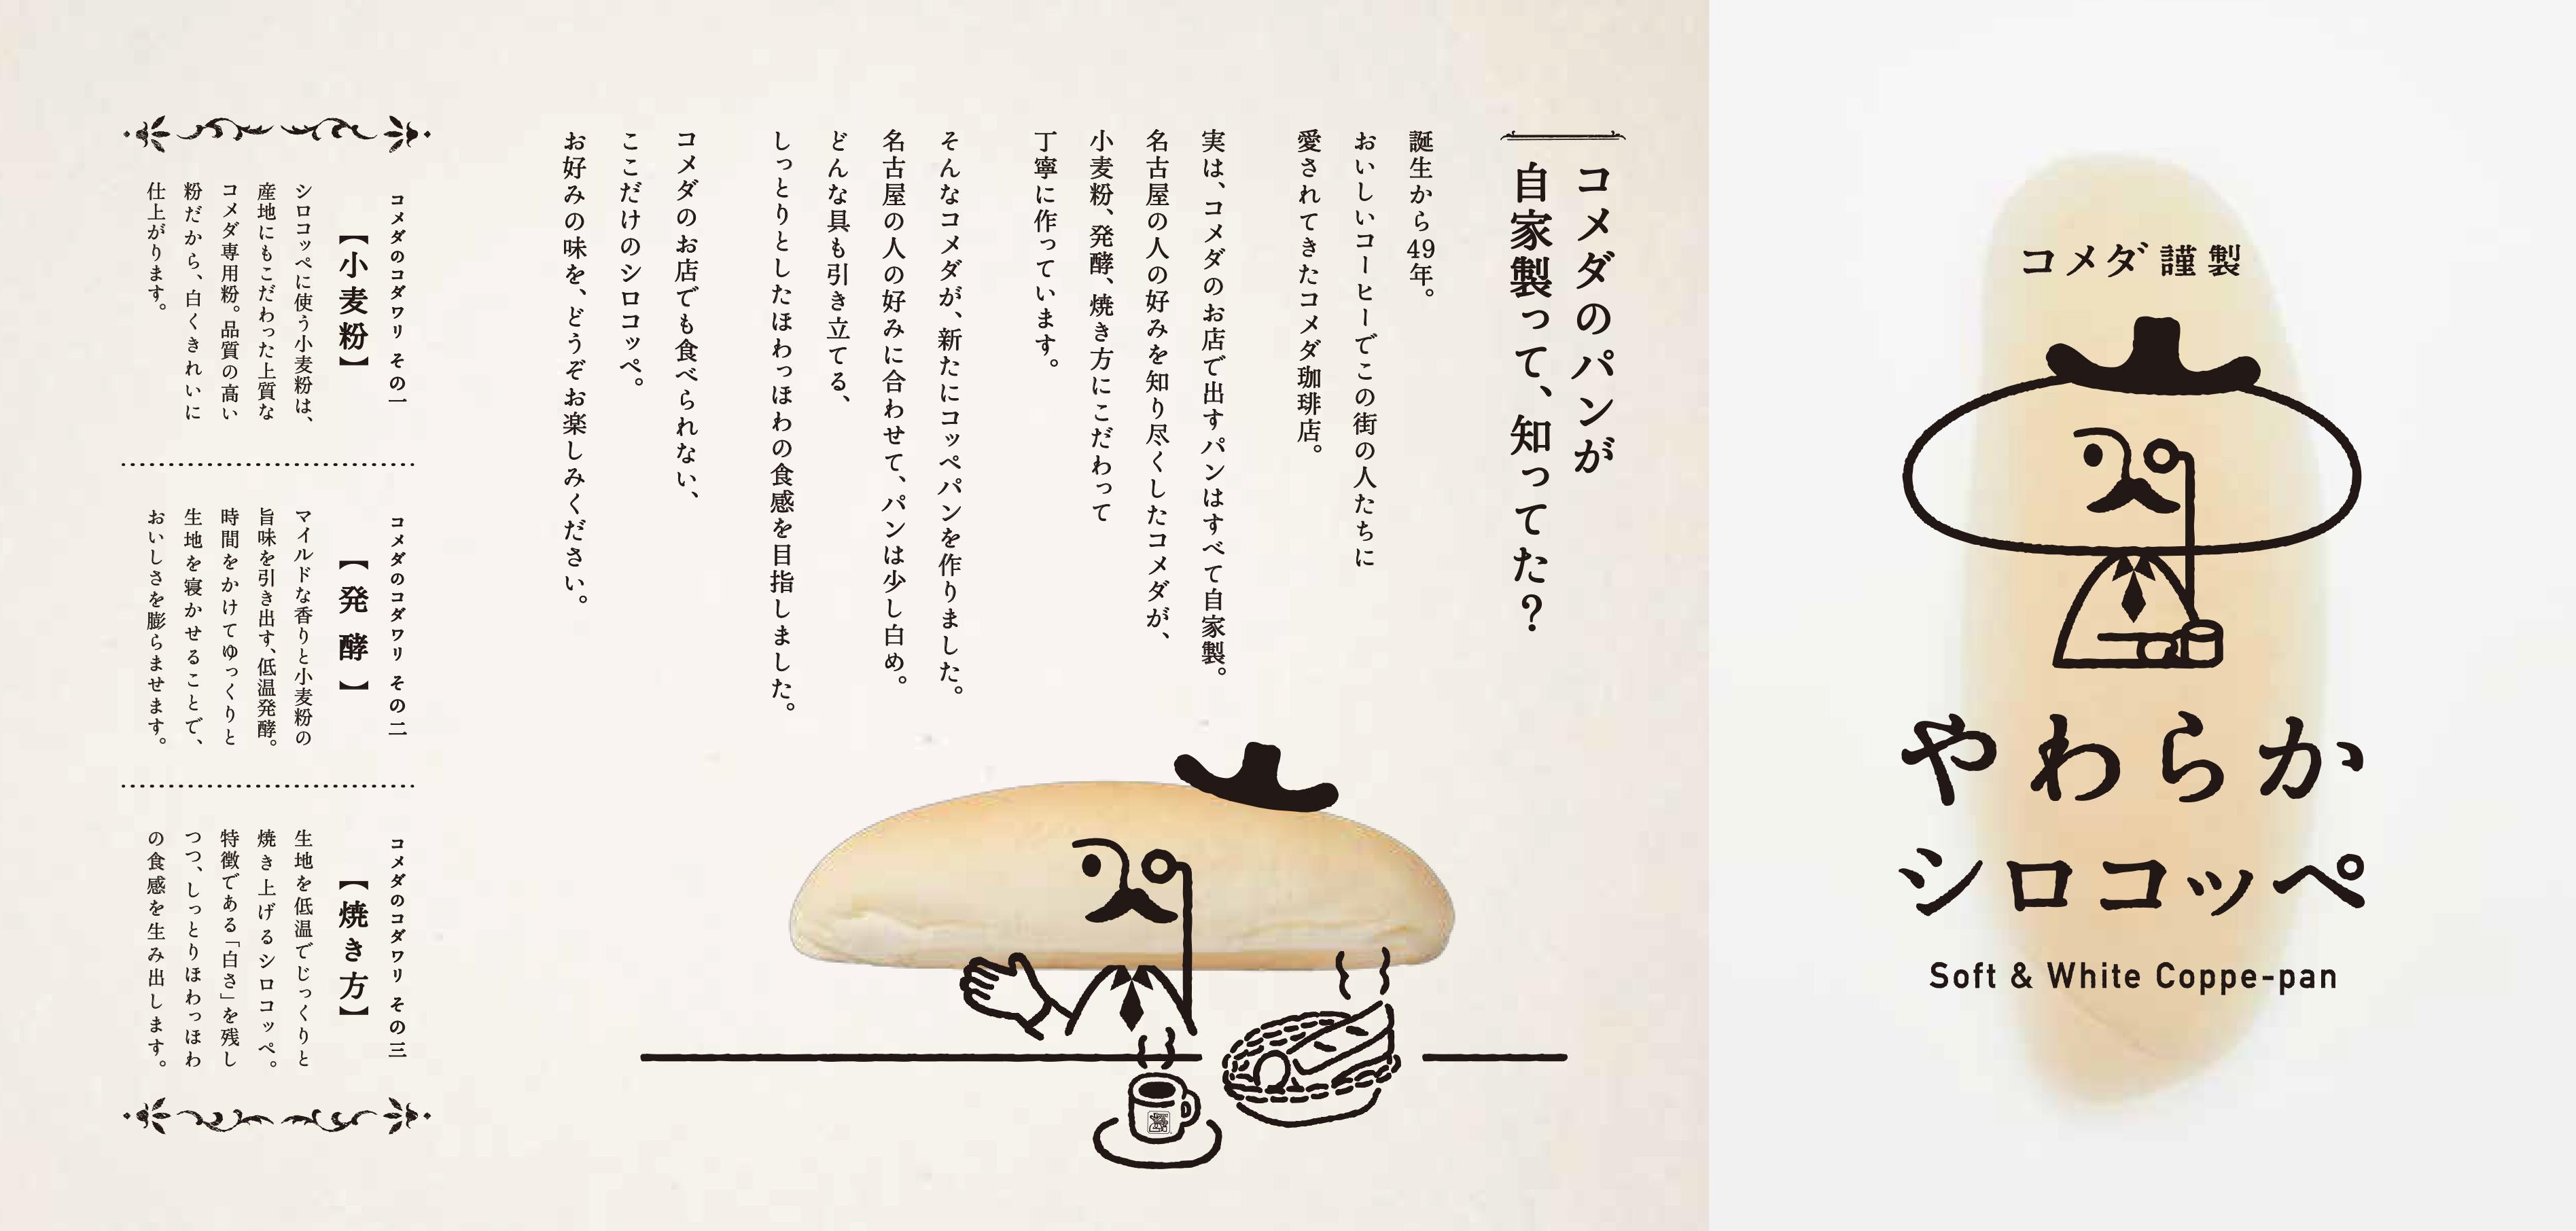 あの大人気のコッペパンが名古屋に帰ってきた!『コメダ謹製 やわらかシロコッペ』 - img 138288 5